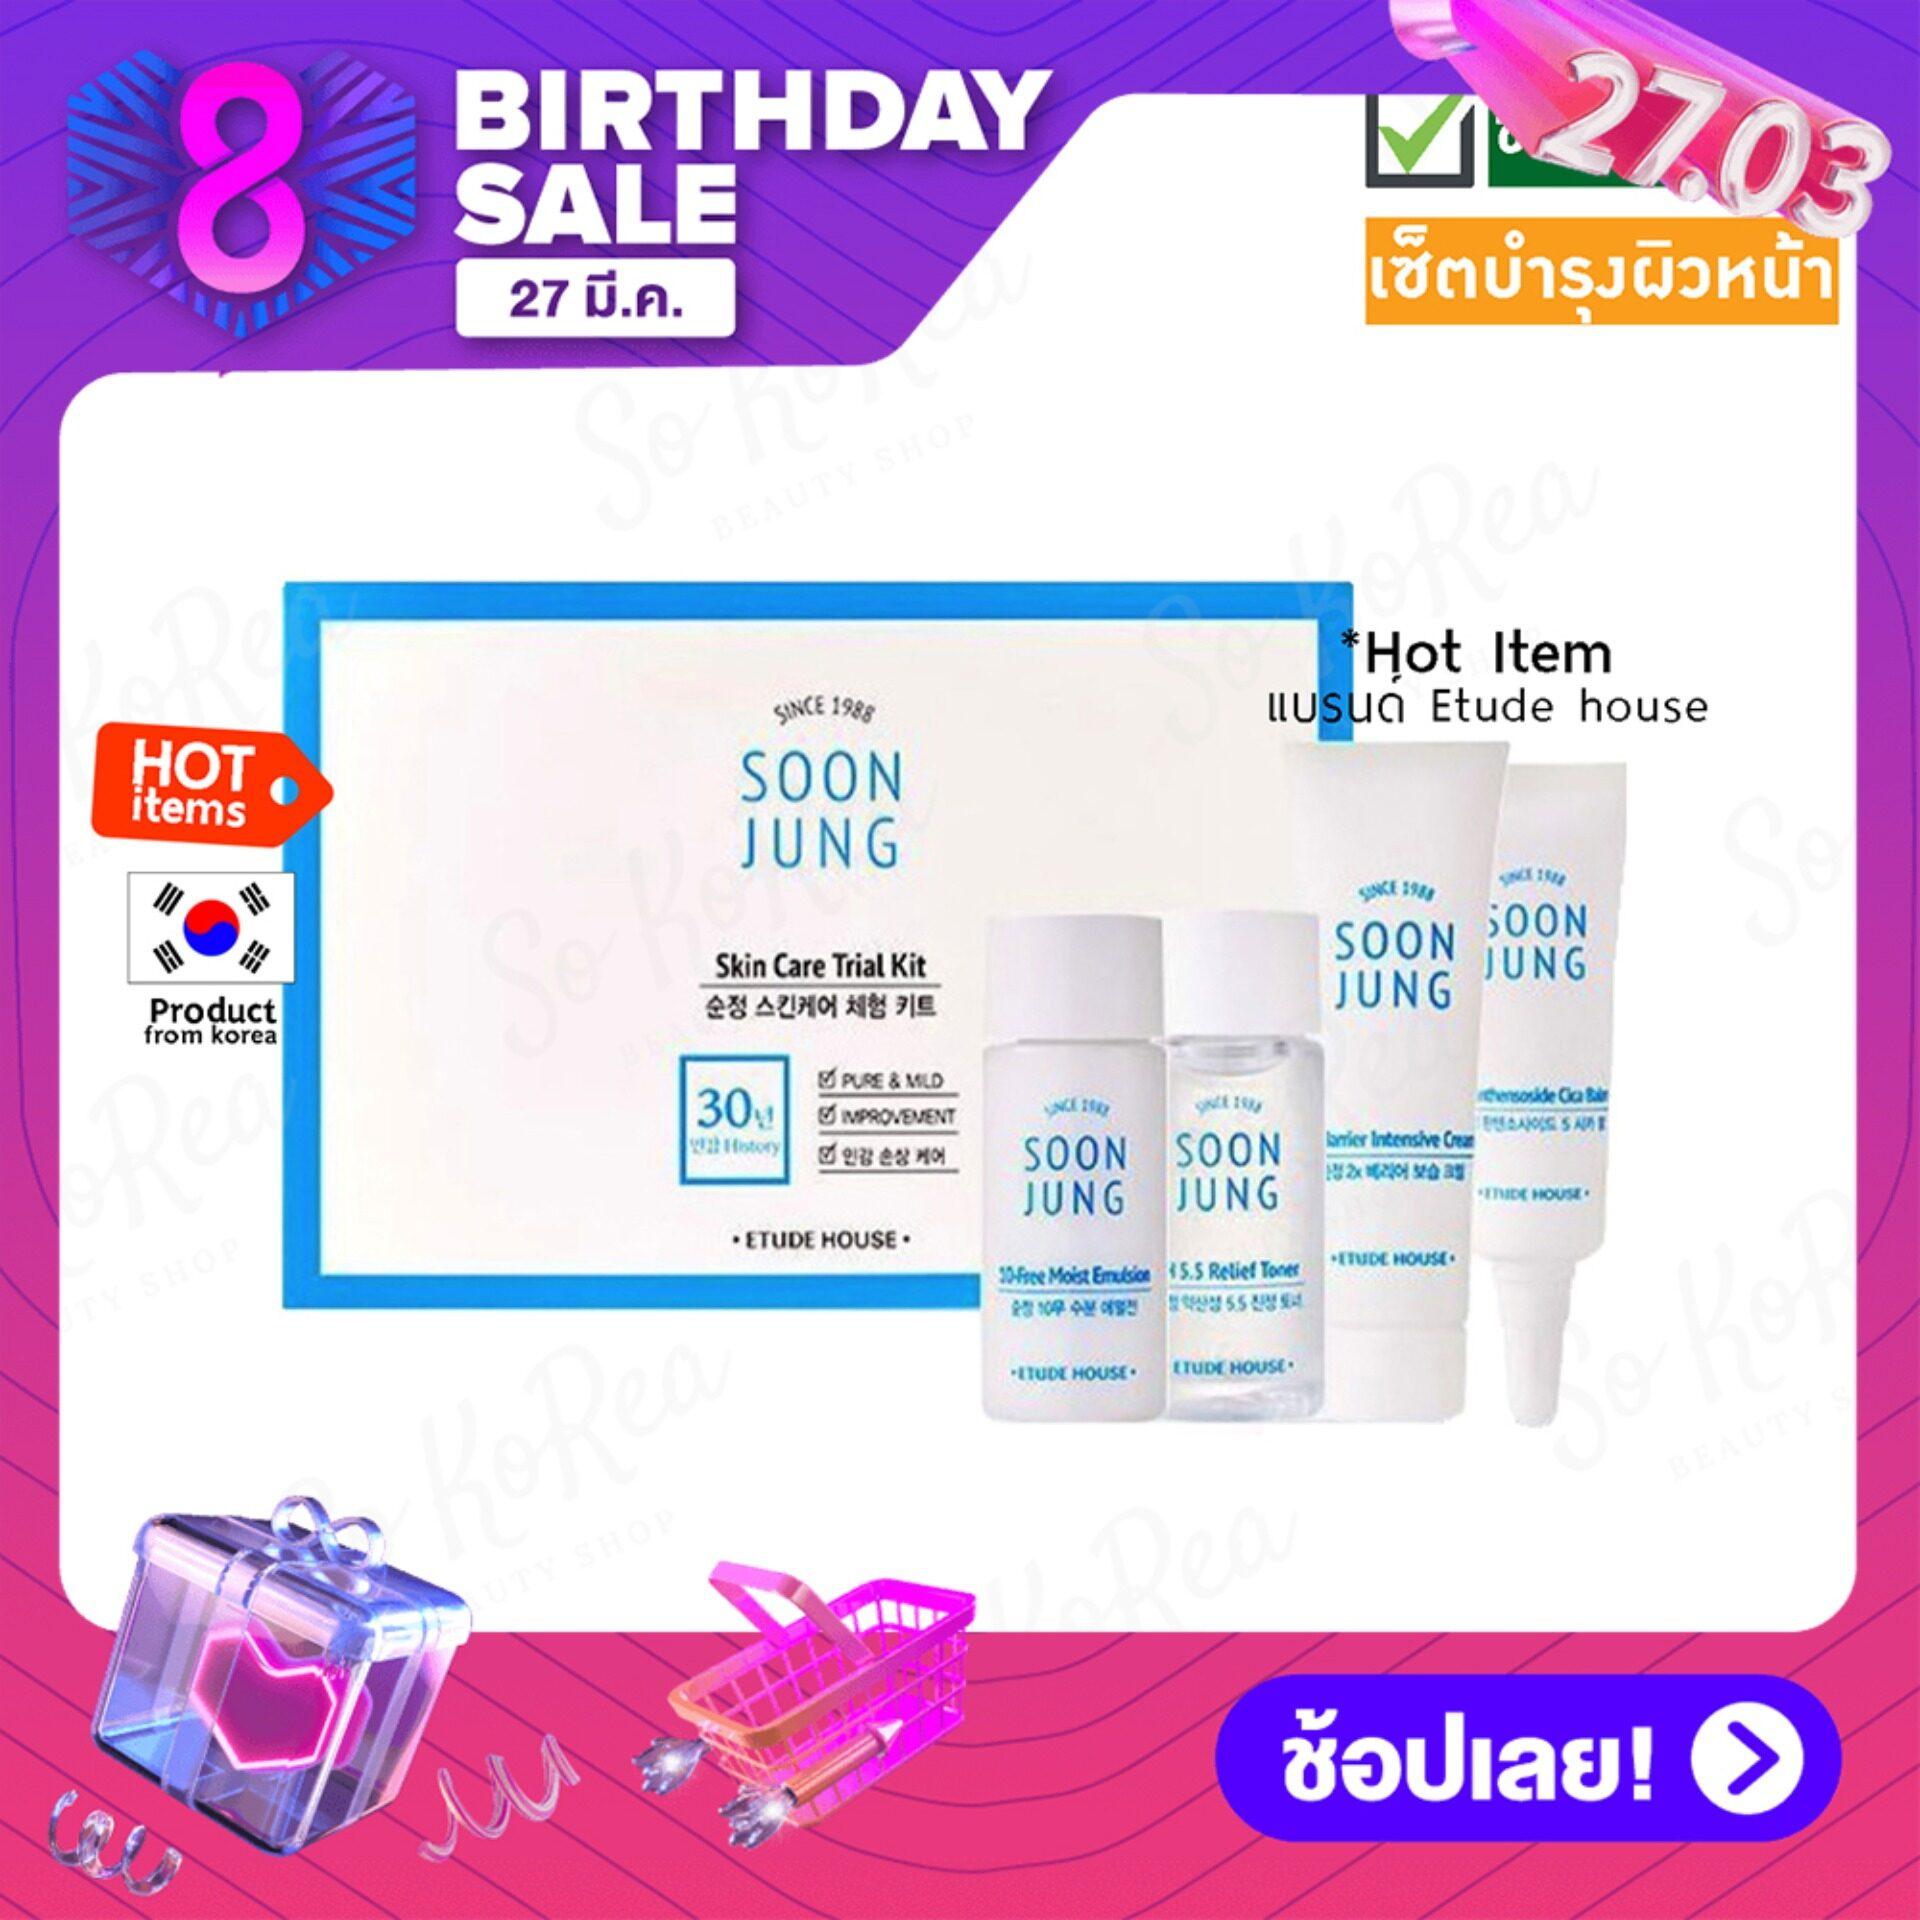 (ของแท้ 100% จากเกาหลี) Etude Soon Jung Skin Care Trial Kit (4 Items) เซ็ตดูแลผิวหน้า 4 ชิ้น ช่วยดูแลผิวได้ครบสูตร สำหรับผิวแพ้ง่าย ต้องลอง ! บอบบาง ลดการระคายเคือง สิวอุดตัน รักษาสิว ครีมรักษาสิว สิวอักเสบ ลดรอยสิว.